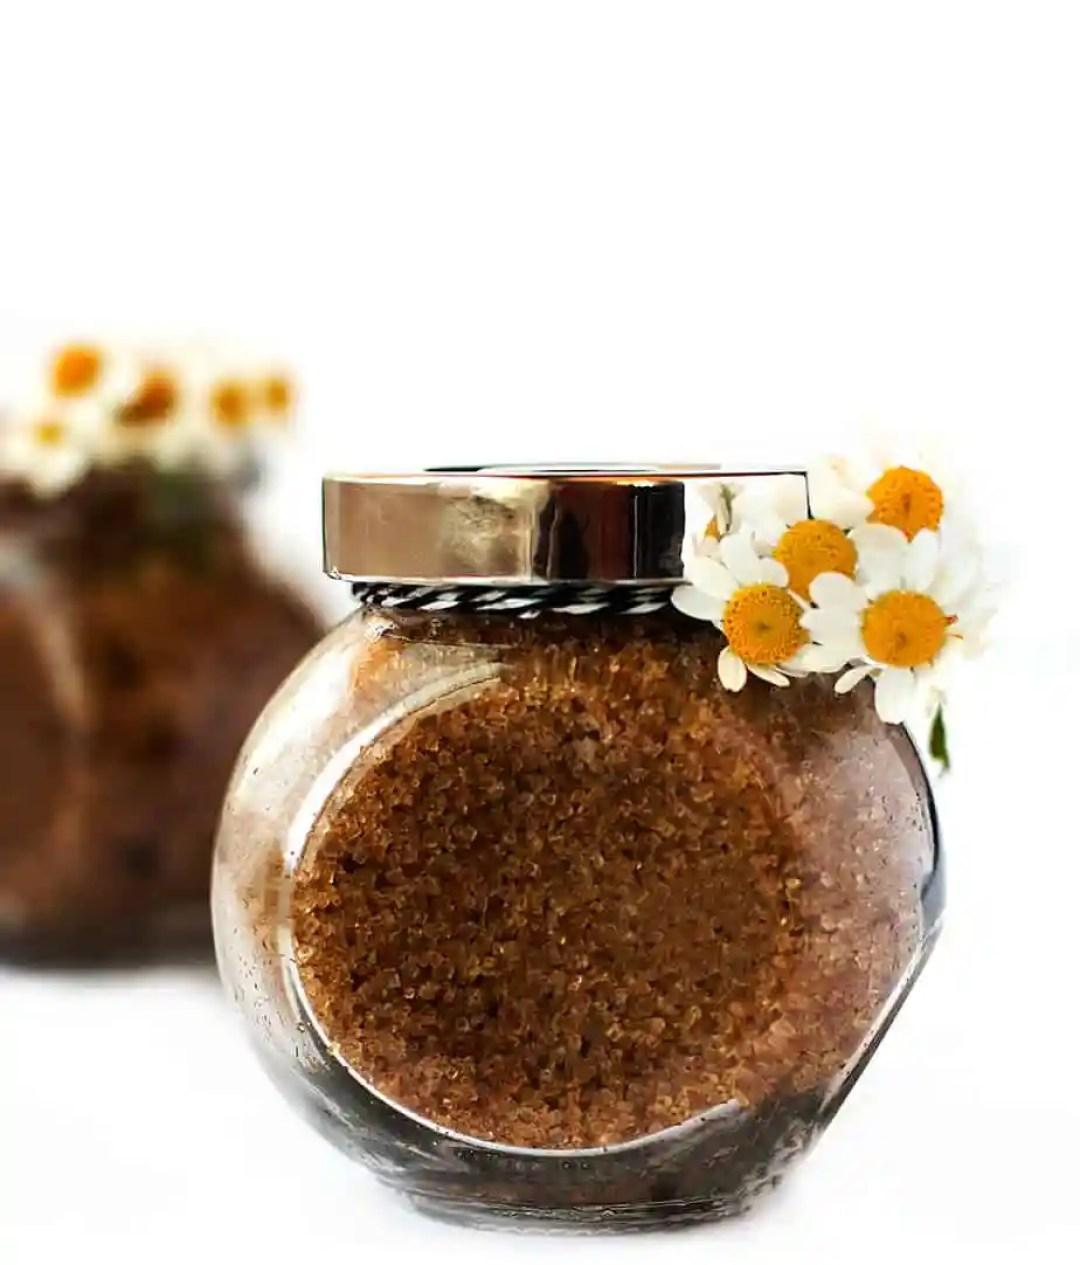 homemade-facial-scrub-brown-sugar-chamomile-peppermint